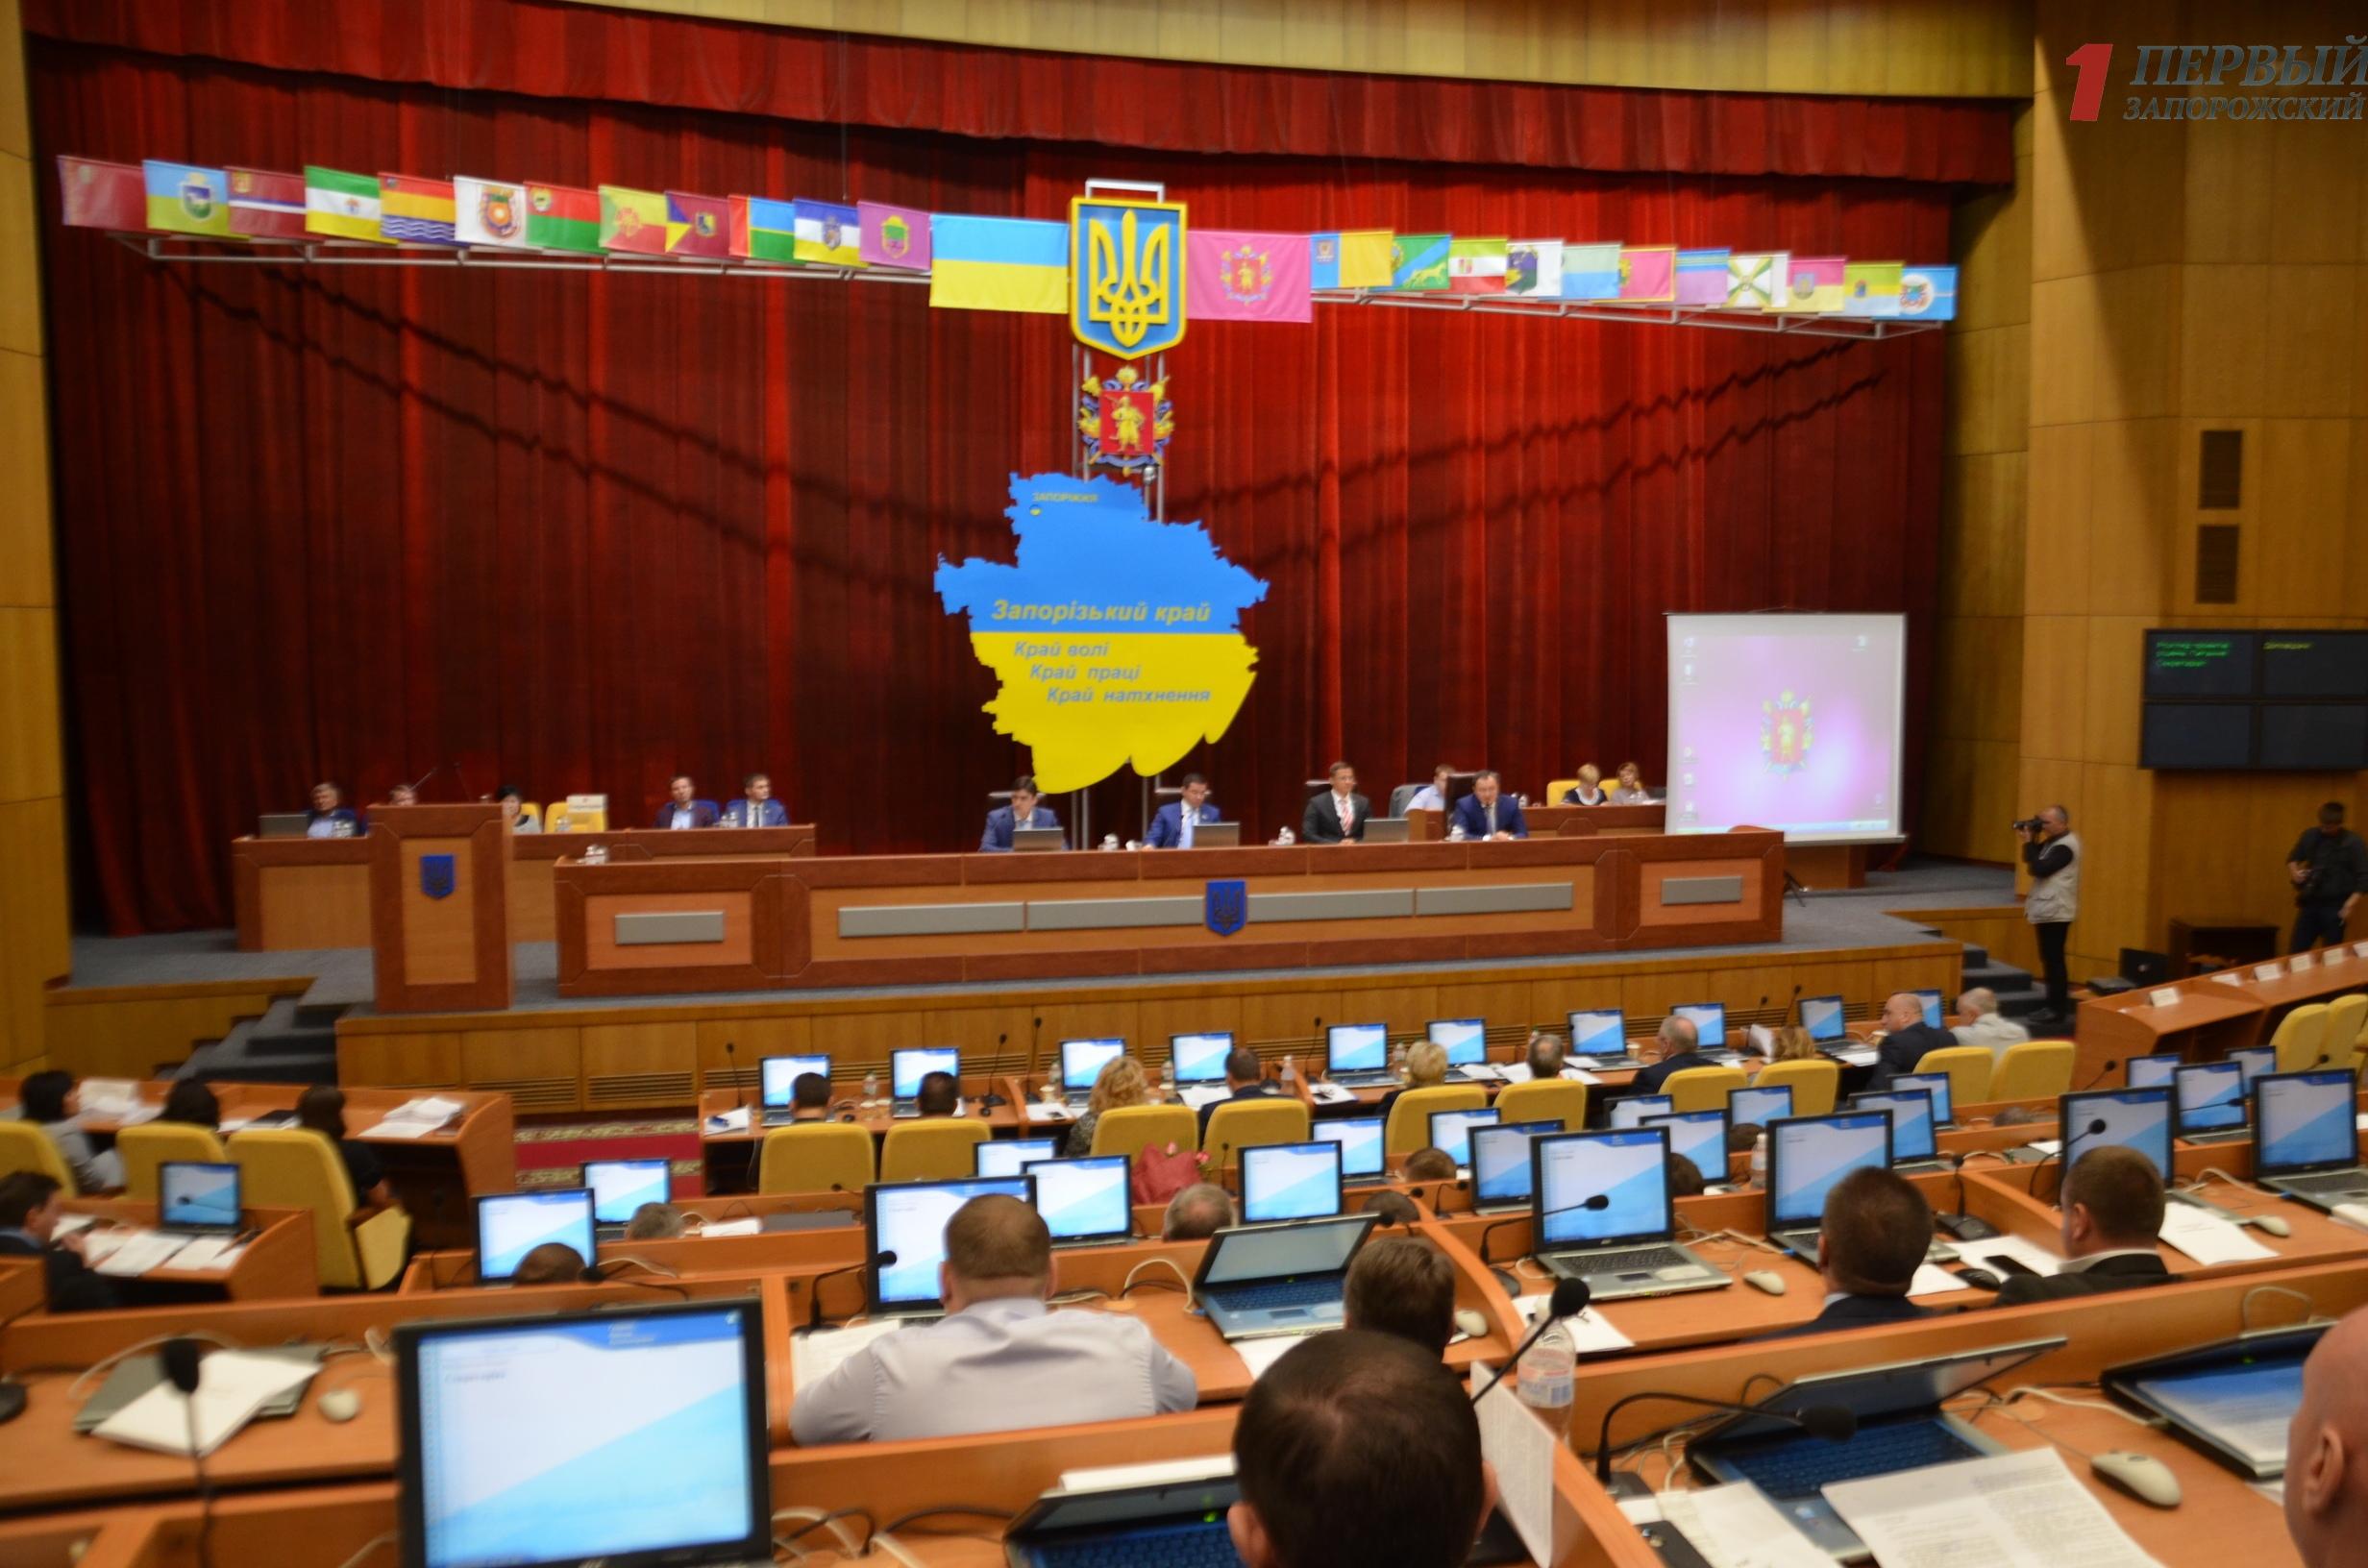 Запорожские депутаты попросят Кабмин и ВРУ увеличить дотации для районов области и ОТГ